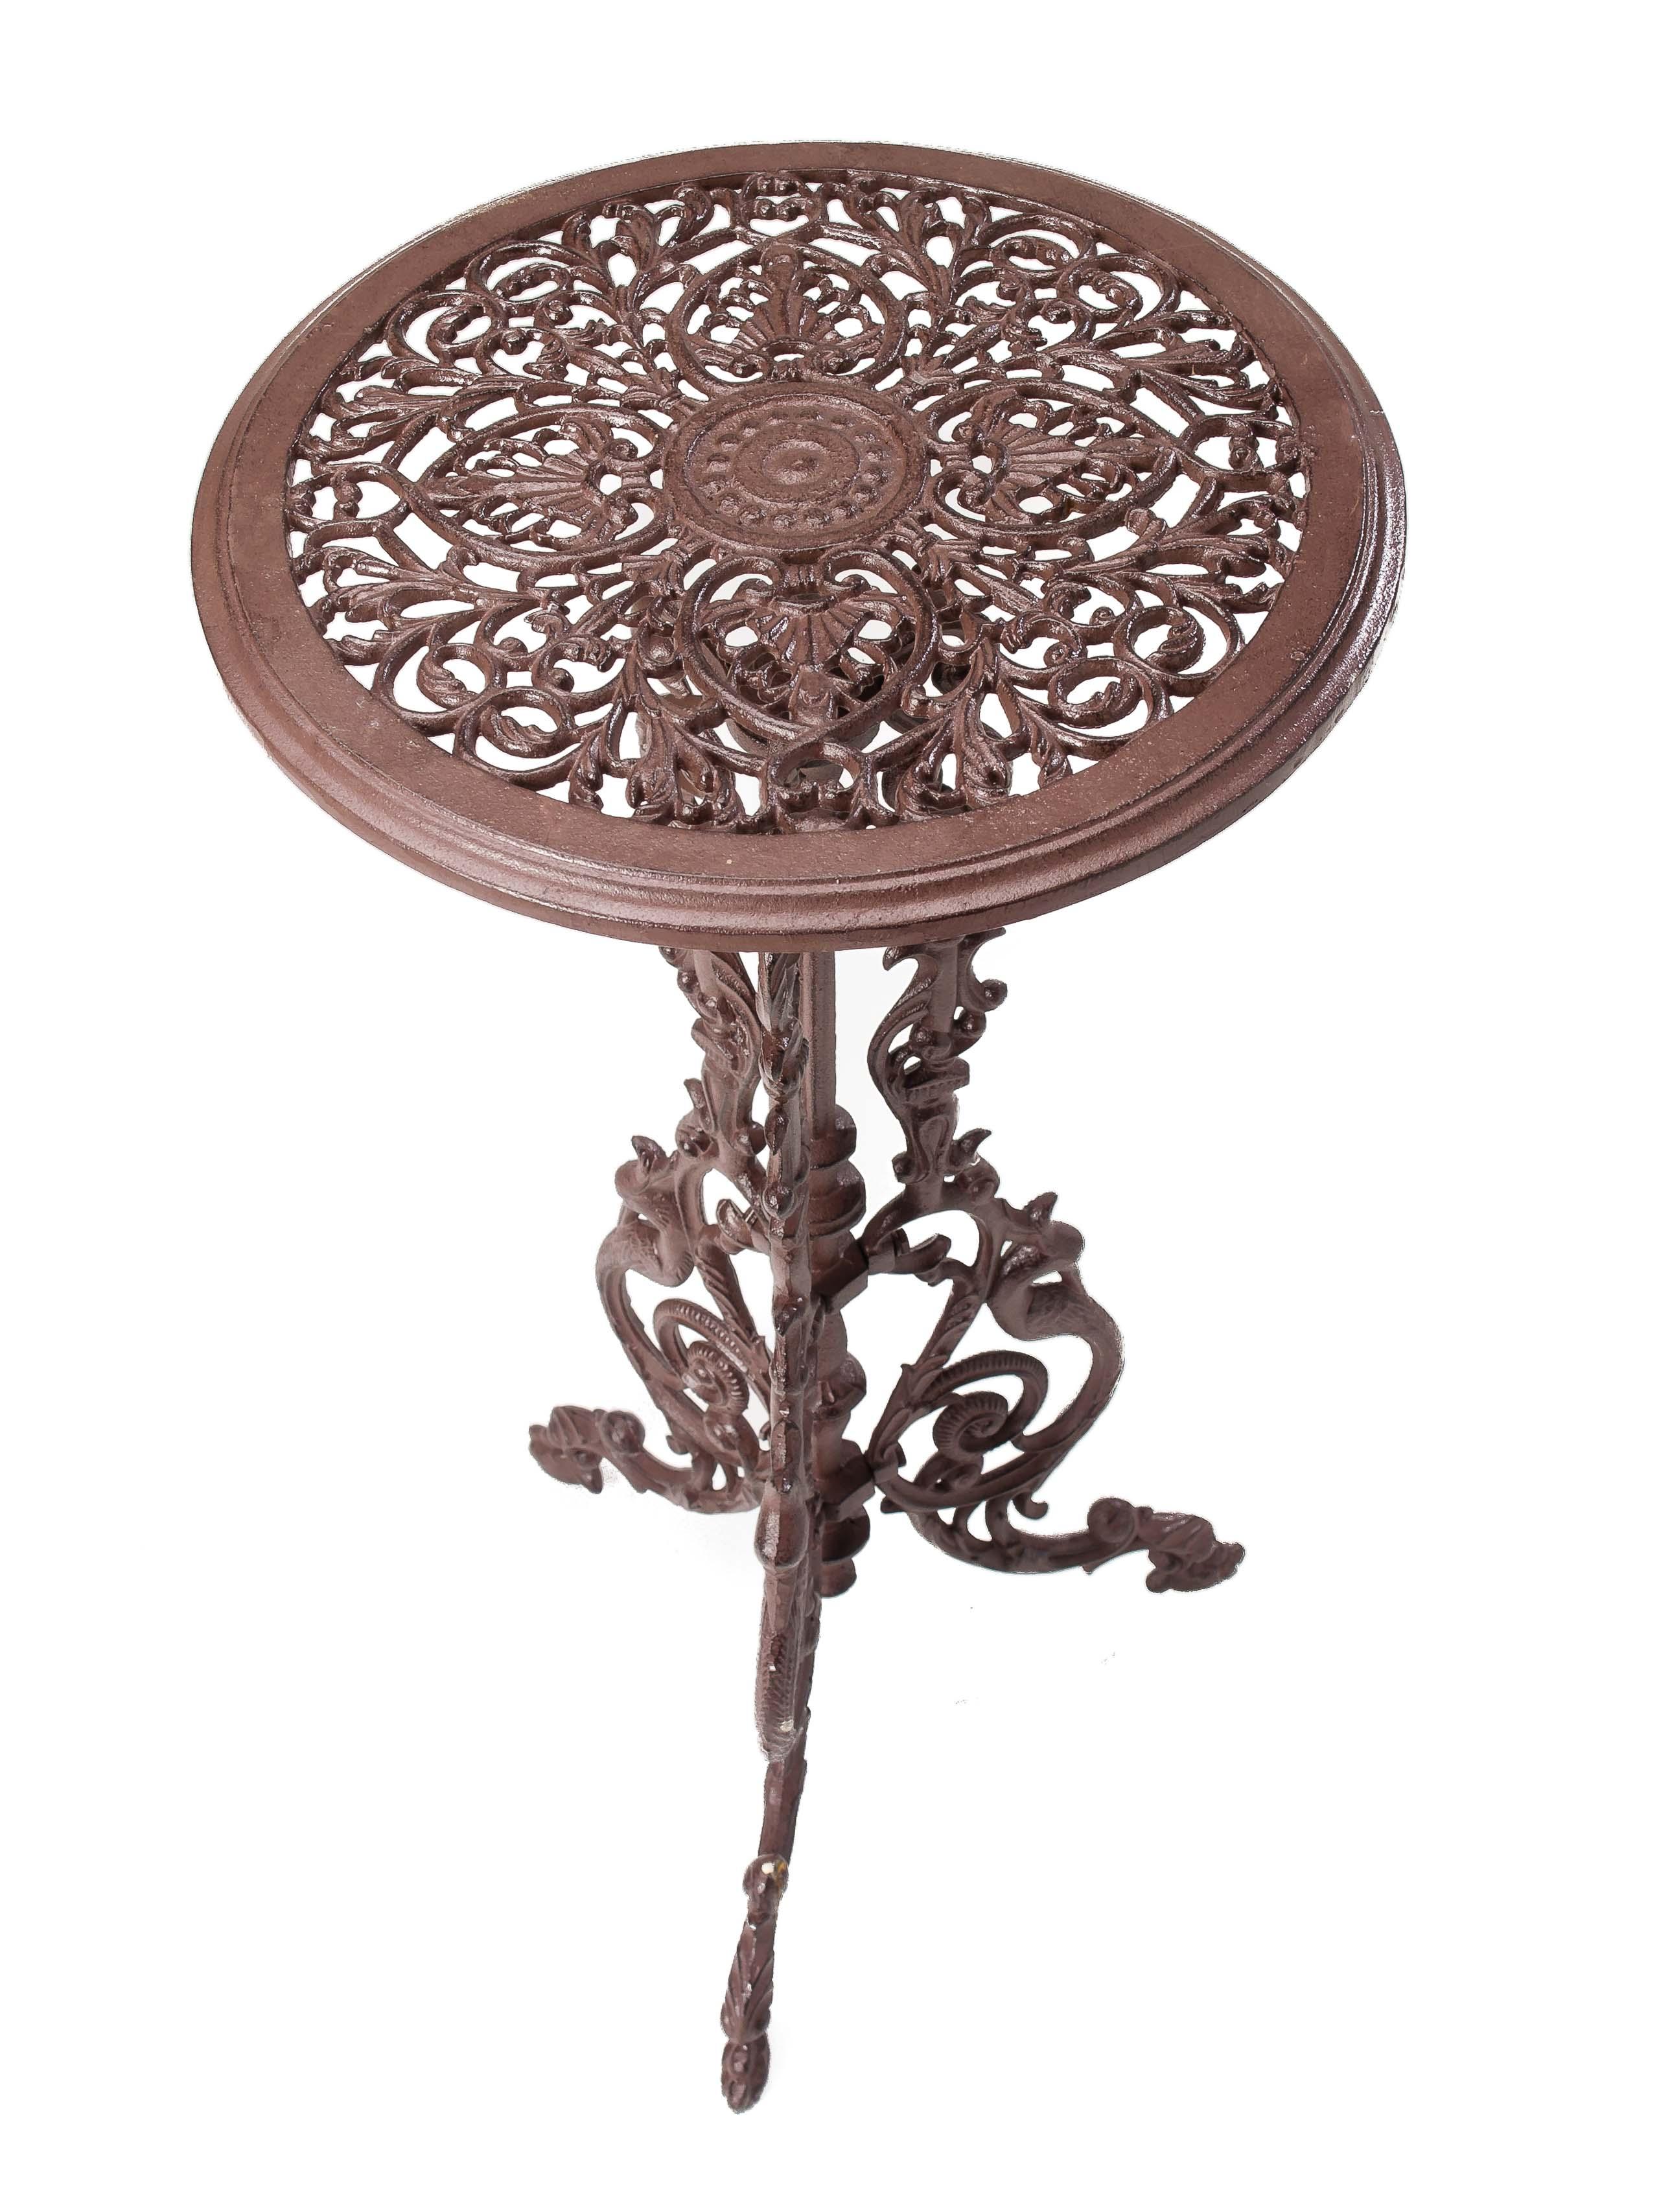 Gartentisch Gusseisen 9cm Tisch Beistelltisch Eisen Antik Stil ...